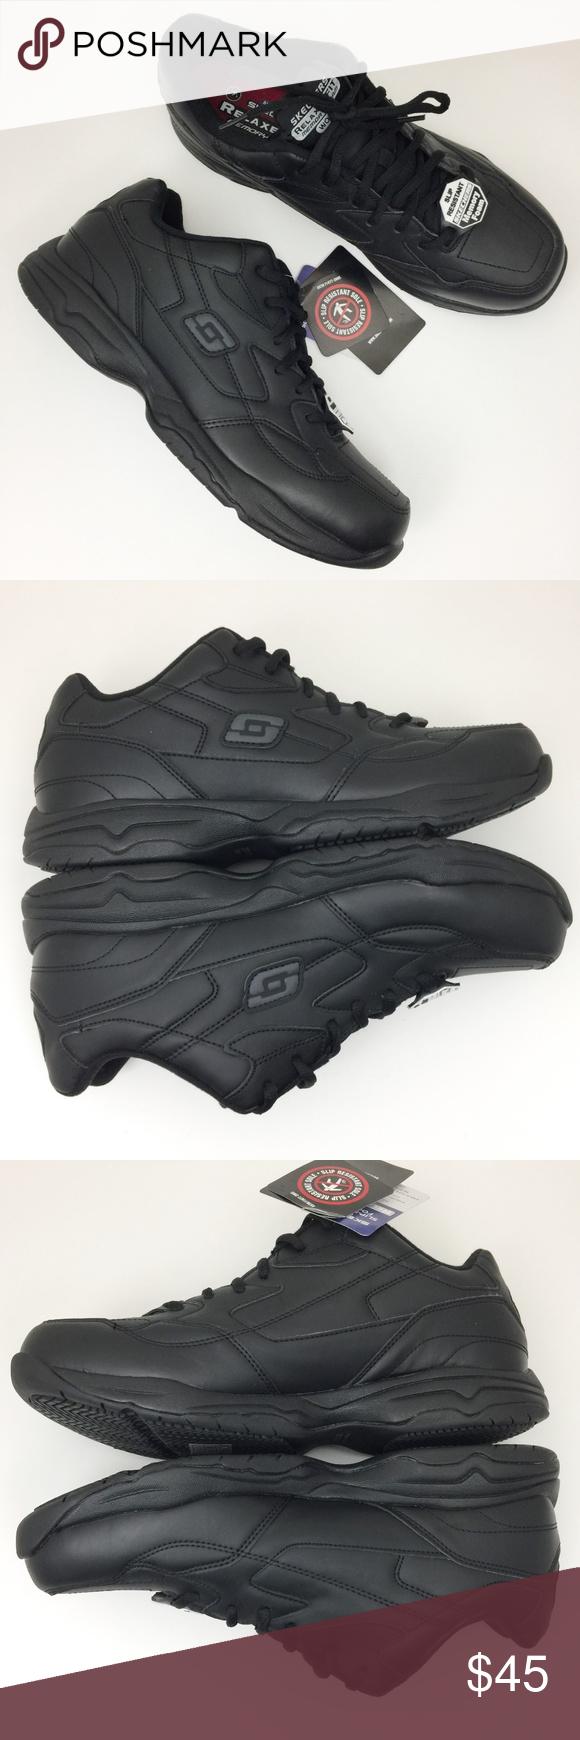 5b219e7c9029 SKECHERS Work Felton Black Slip Resistant Sneakers Men s Skechers Slip  Resistant Work Shoes. Protect your